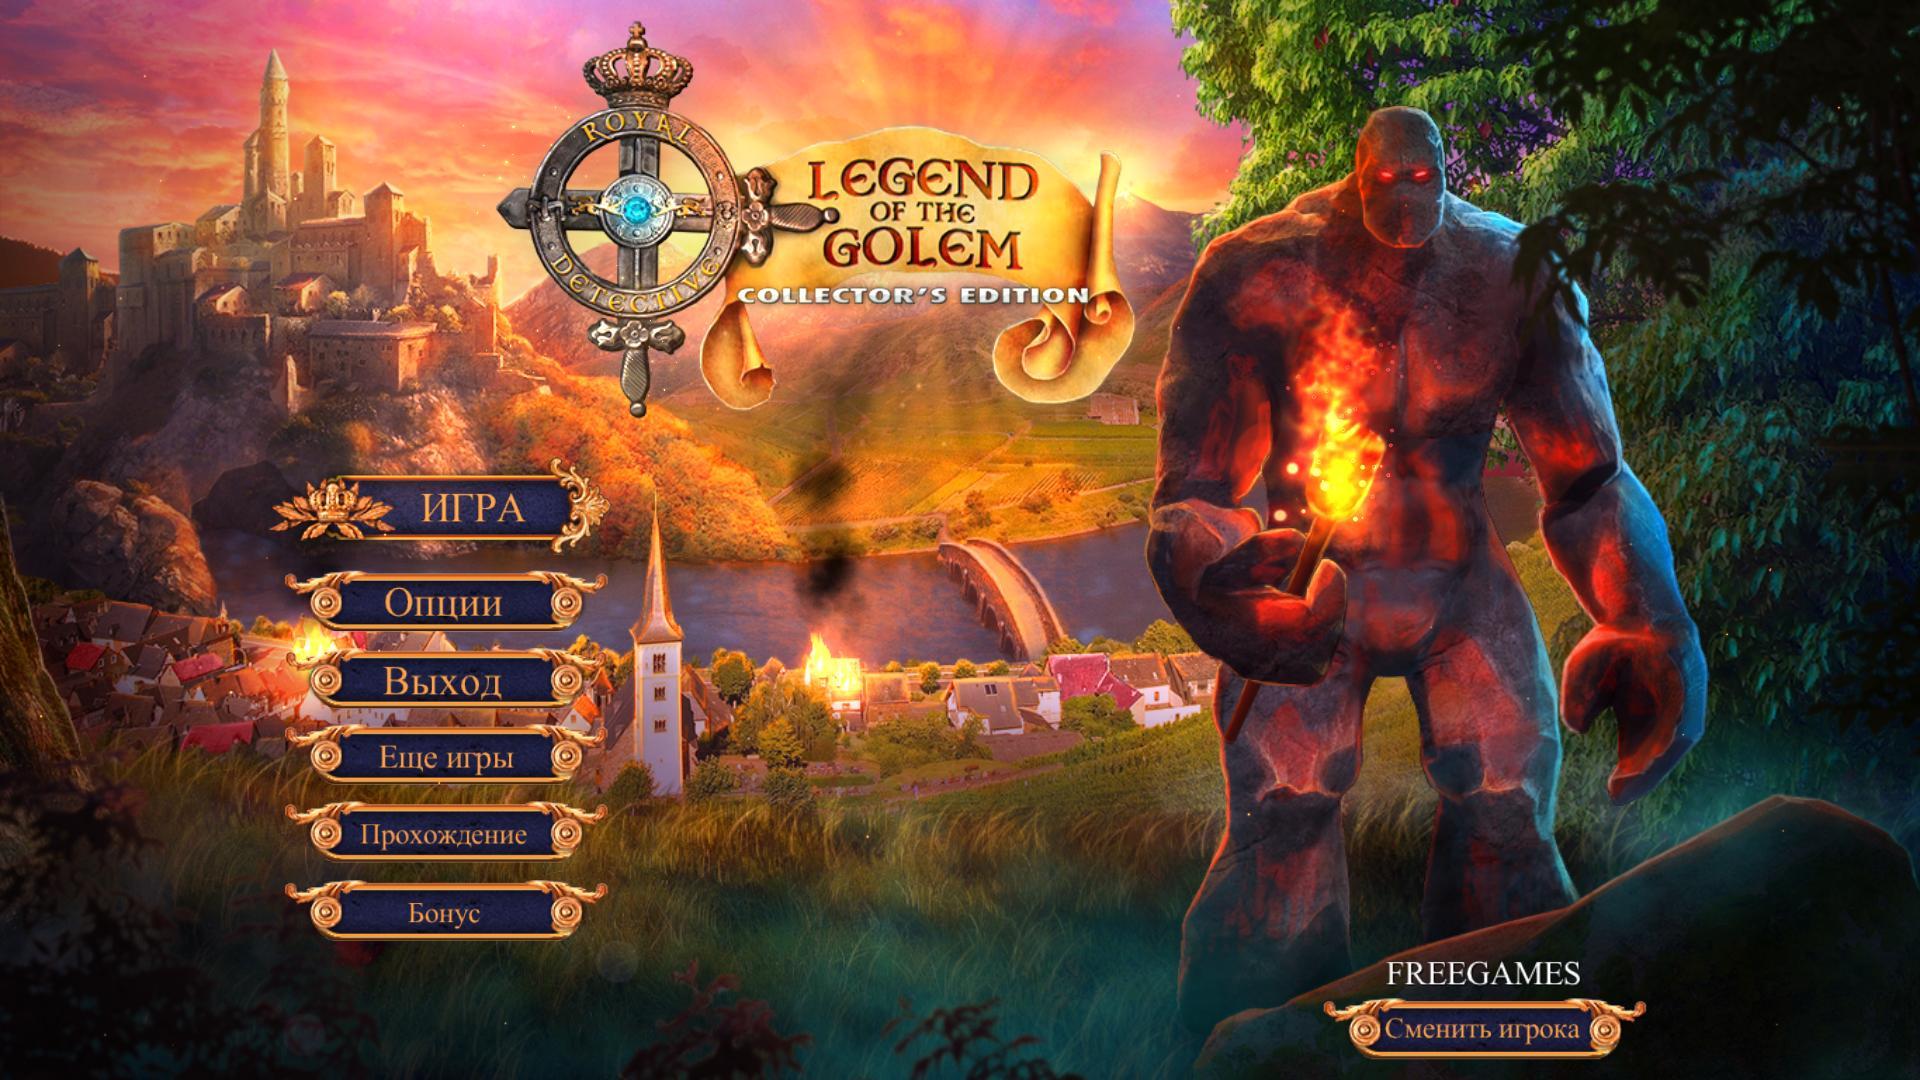 Королевский детектив 3: Легенда о Големе. Коллекционное издание | Royal Detective 3: Legend Of The Golem CE (Rus)